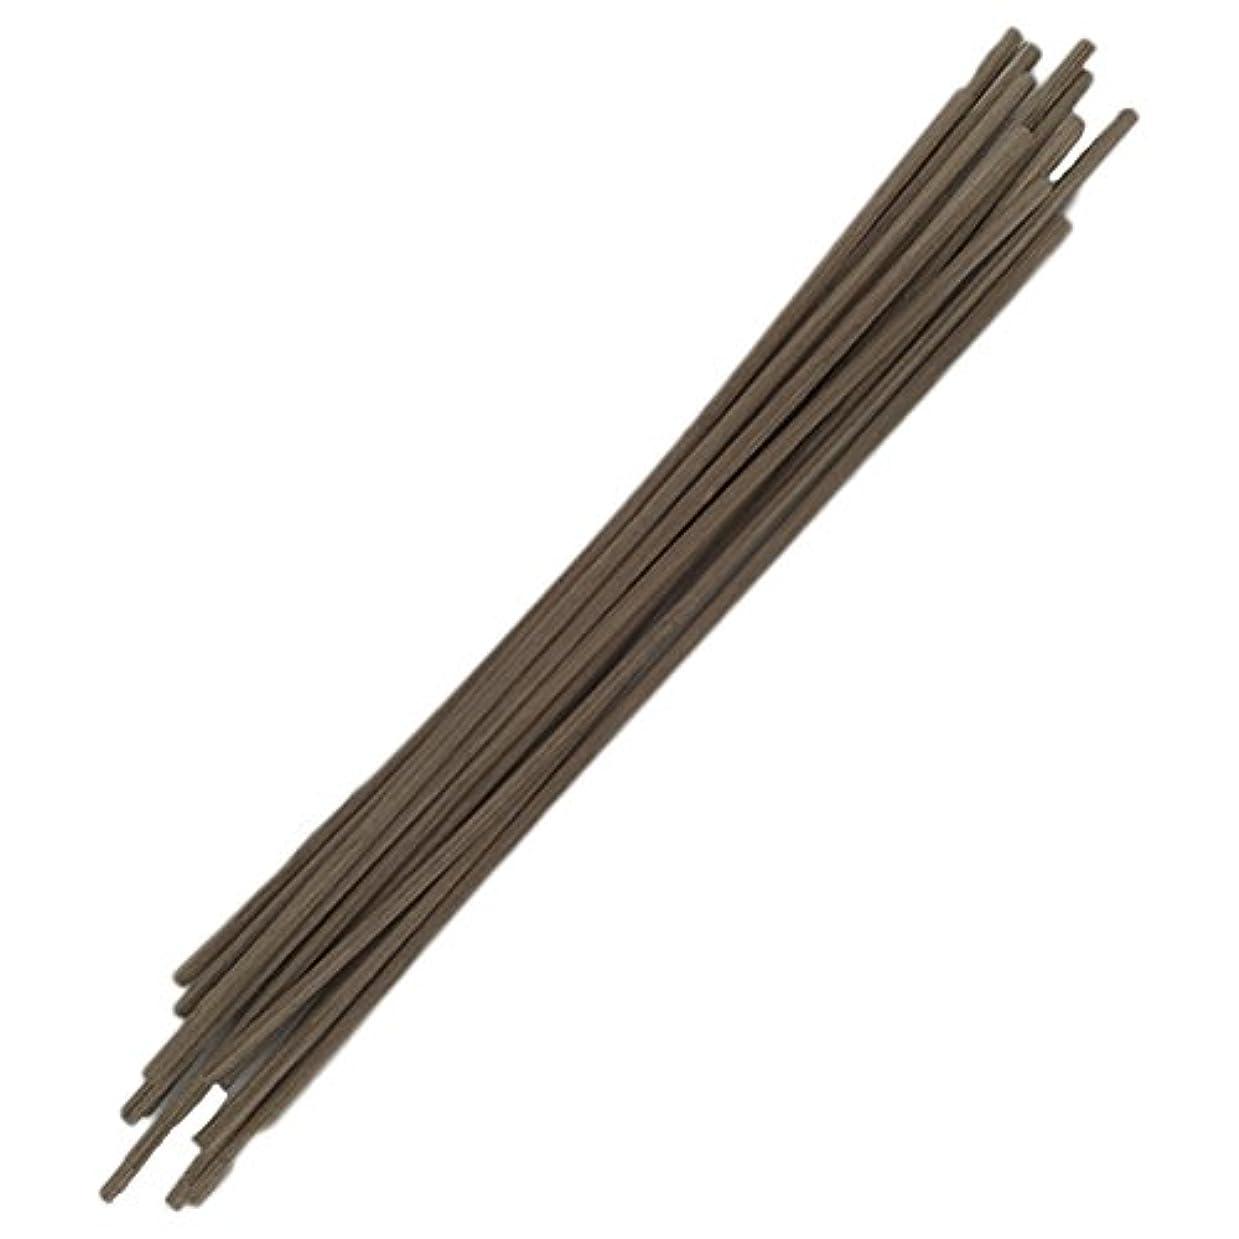 ほめる食物エレガントHEALIFTY 30pcs籐のリードは自然の香りのリードのディフューザーのアロマオイルディフューザー籐25センチメートルスティック